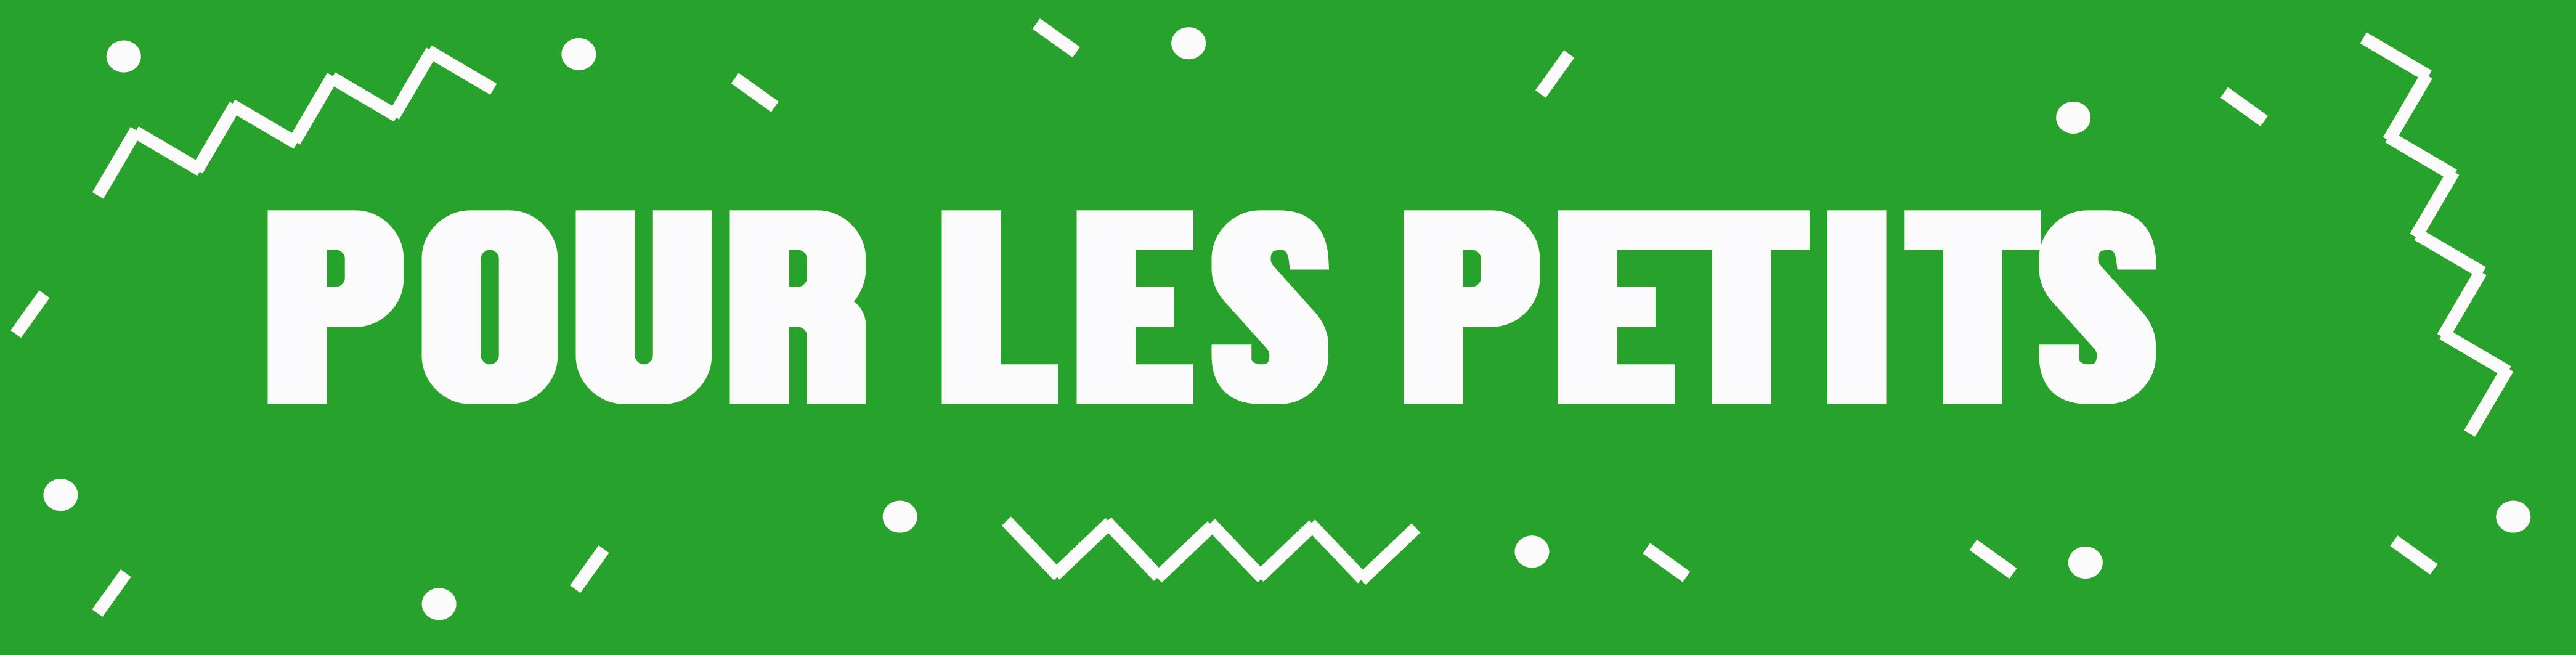 BANDEAU POUR LES PETITS (VERT)